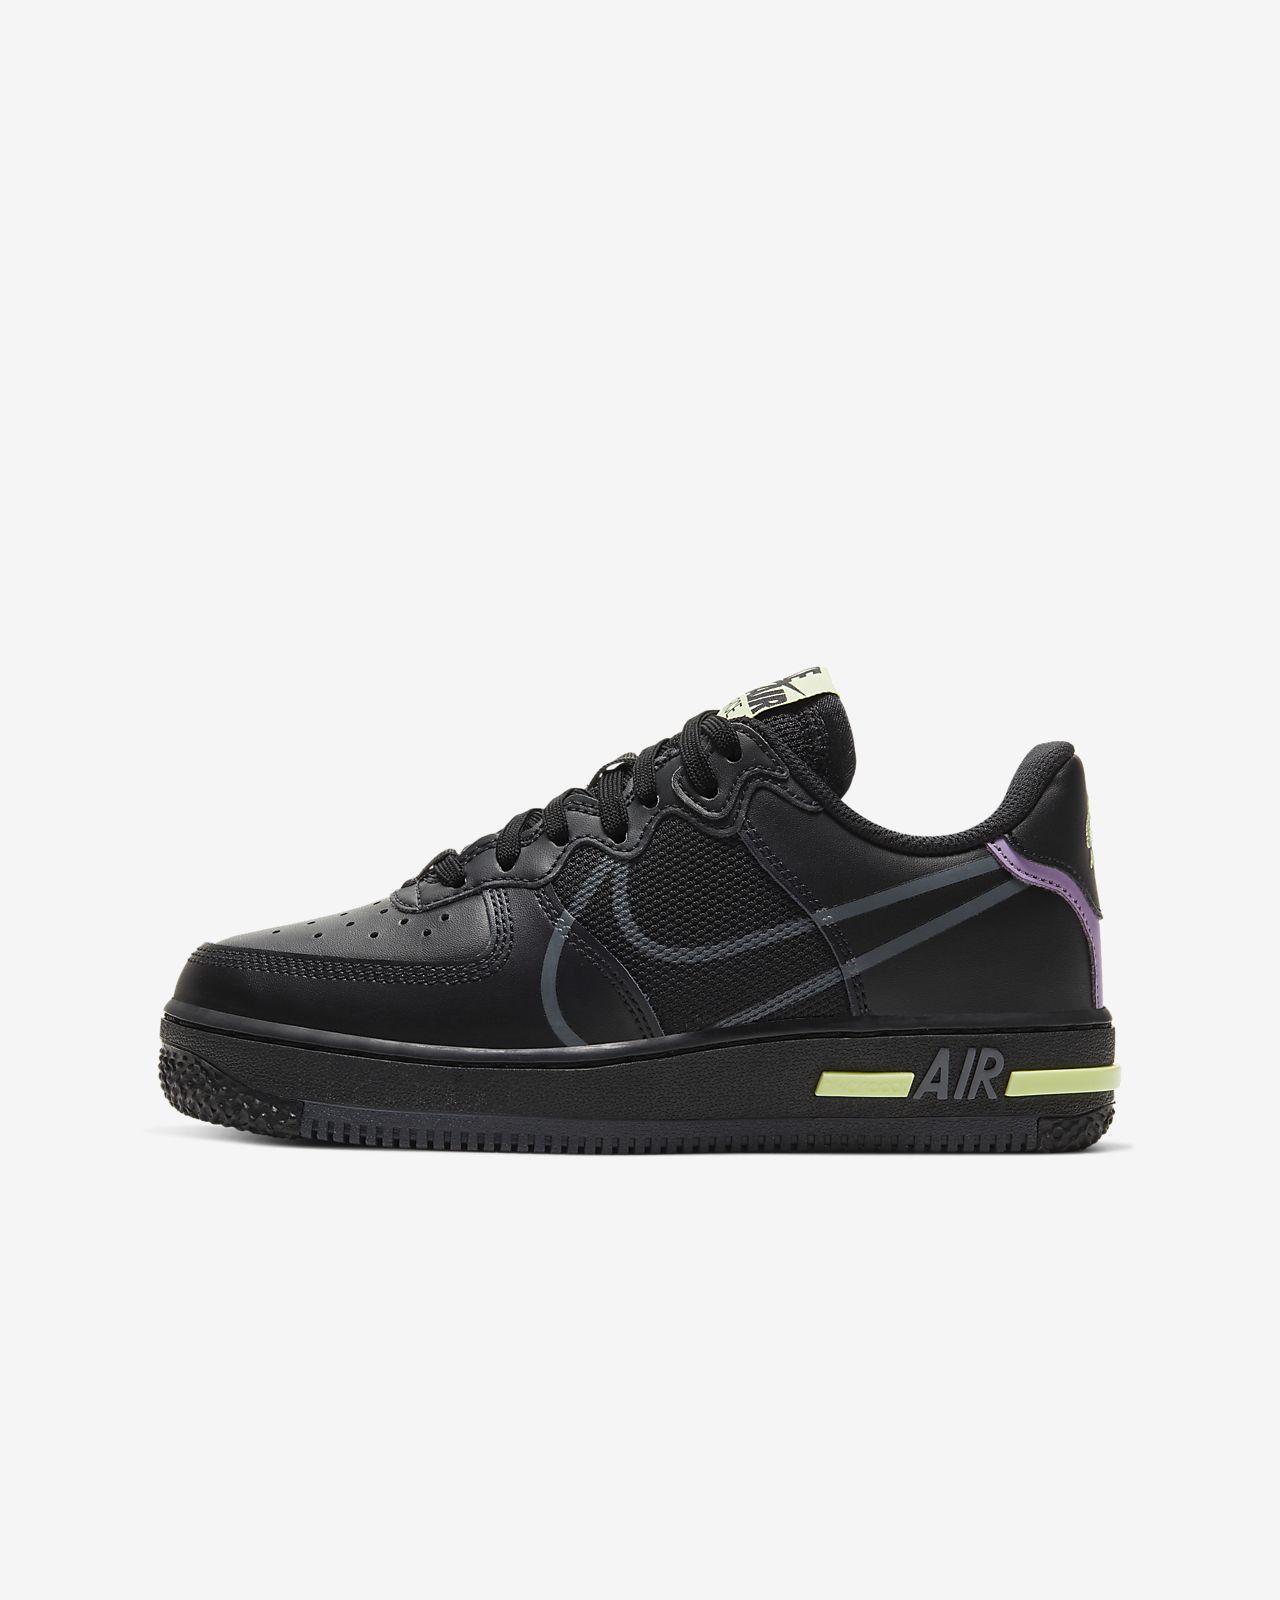 Sko Nike Air Force 1 React för ungdom